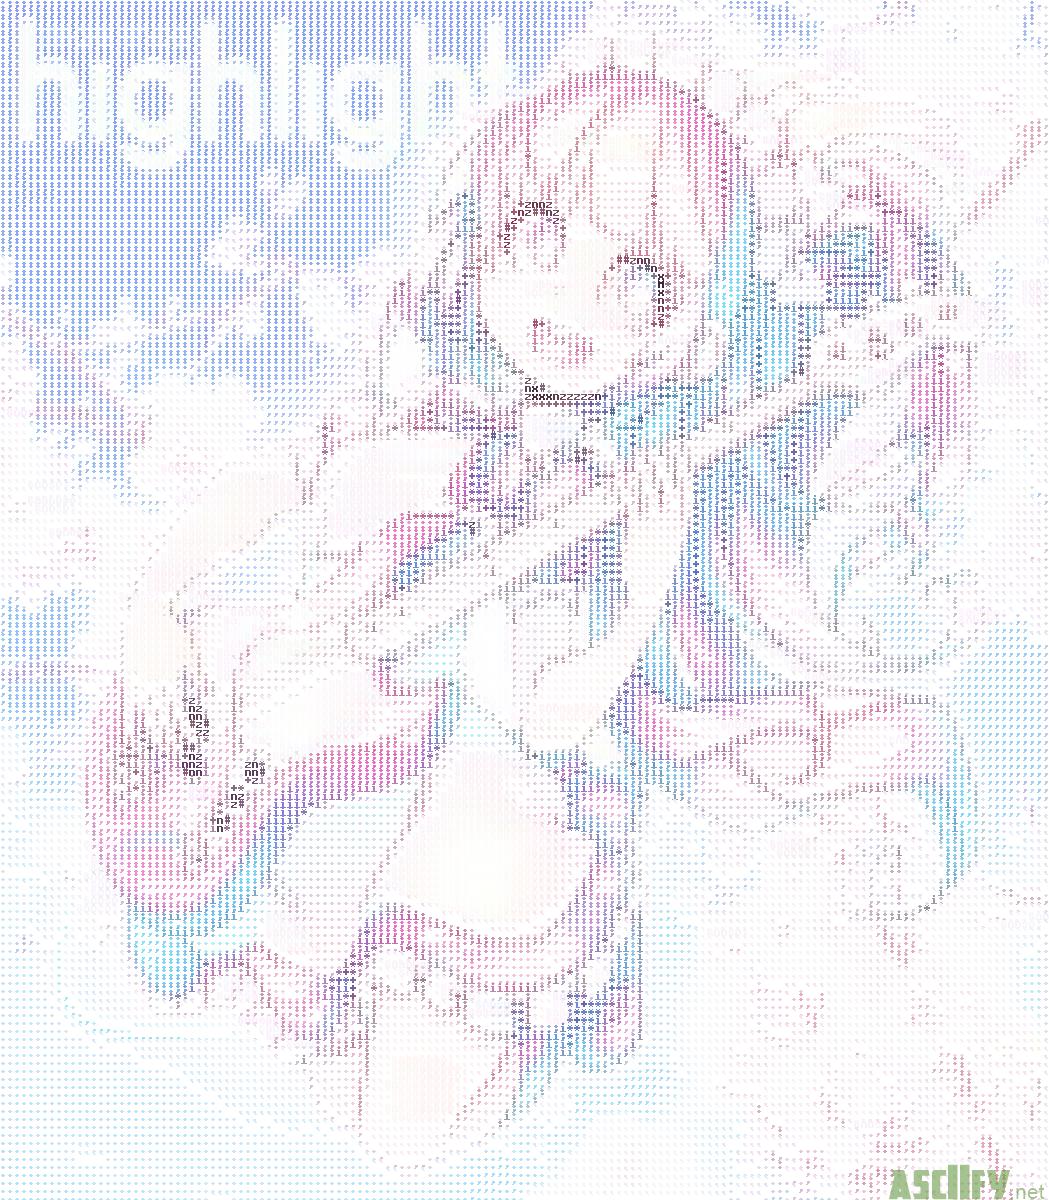 Moe Shop - Highlight (Cover-Retry)